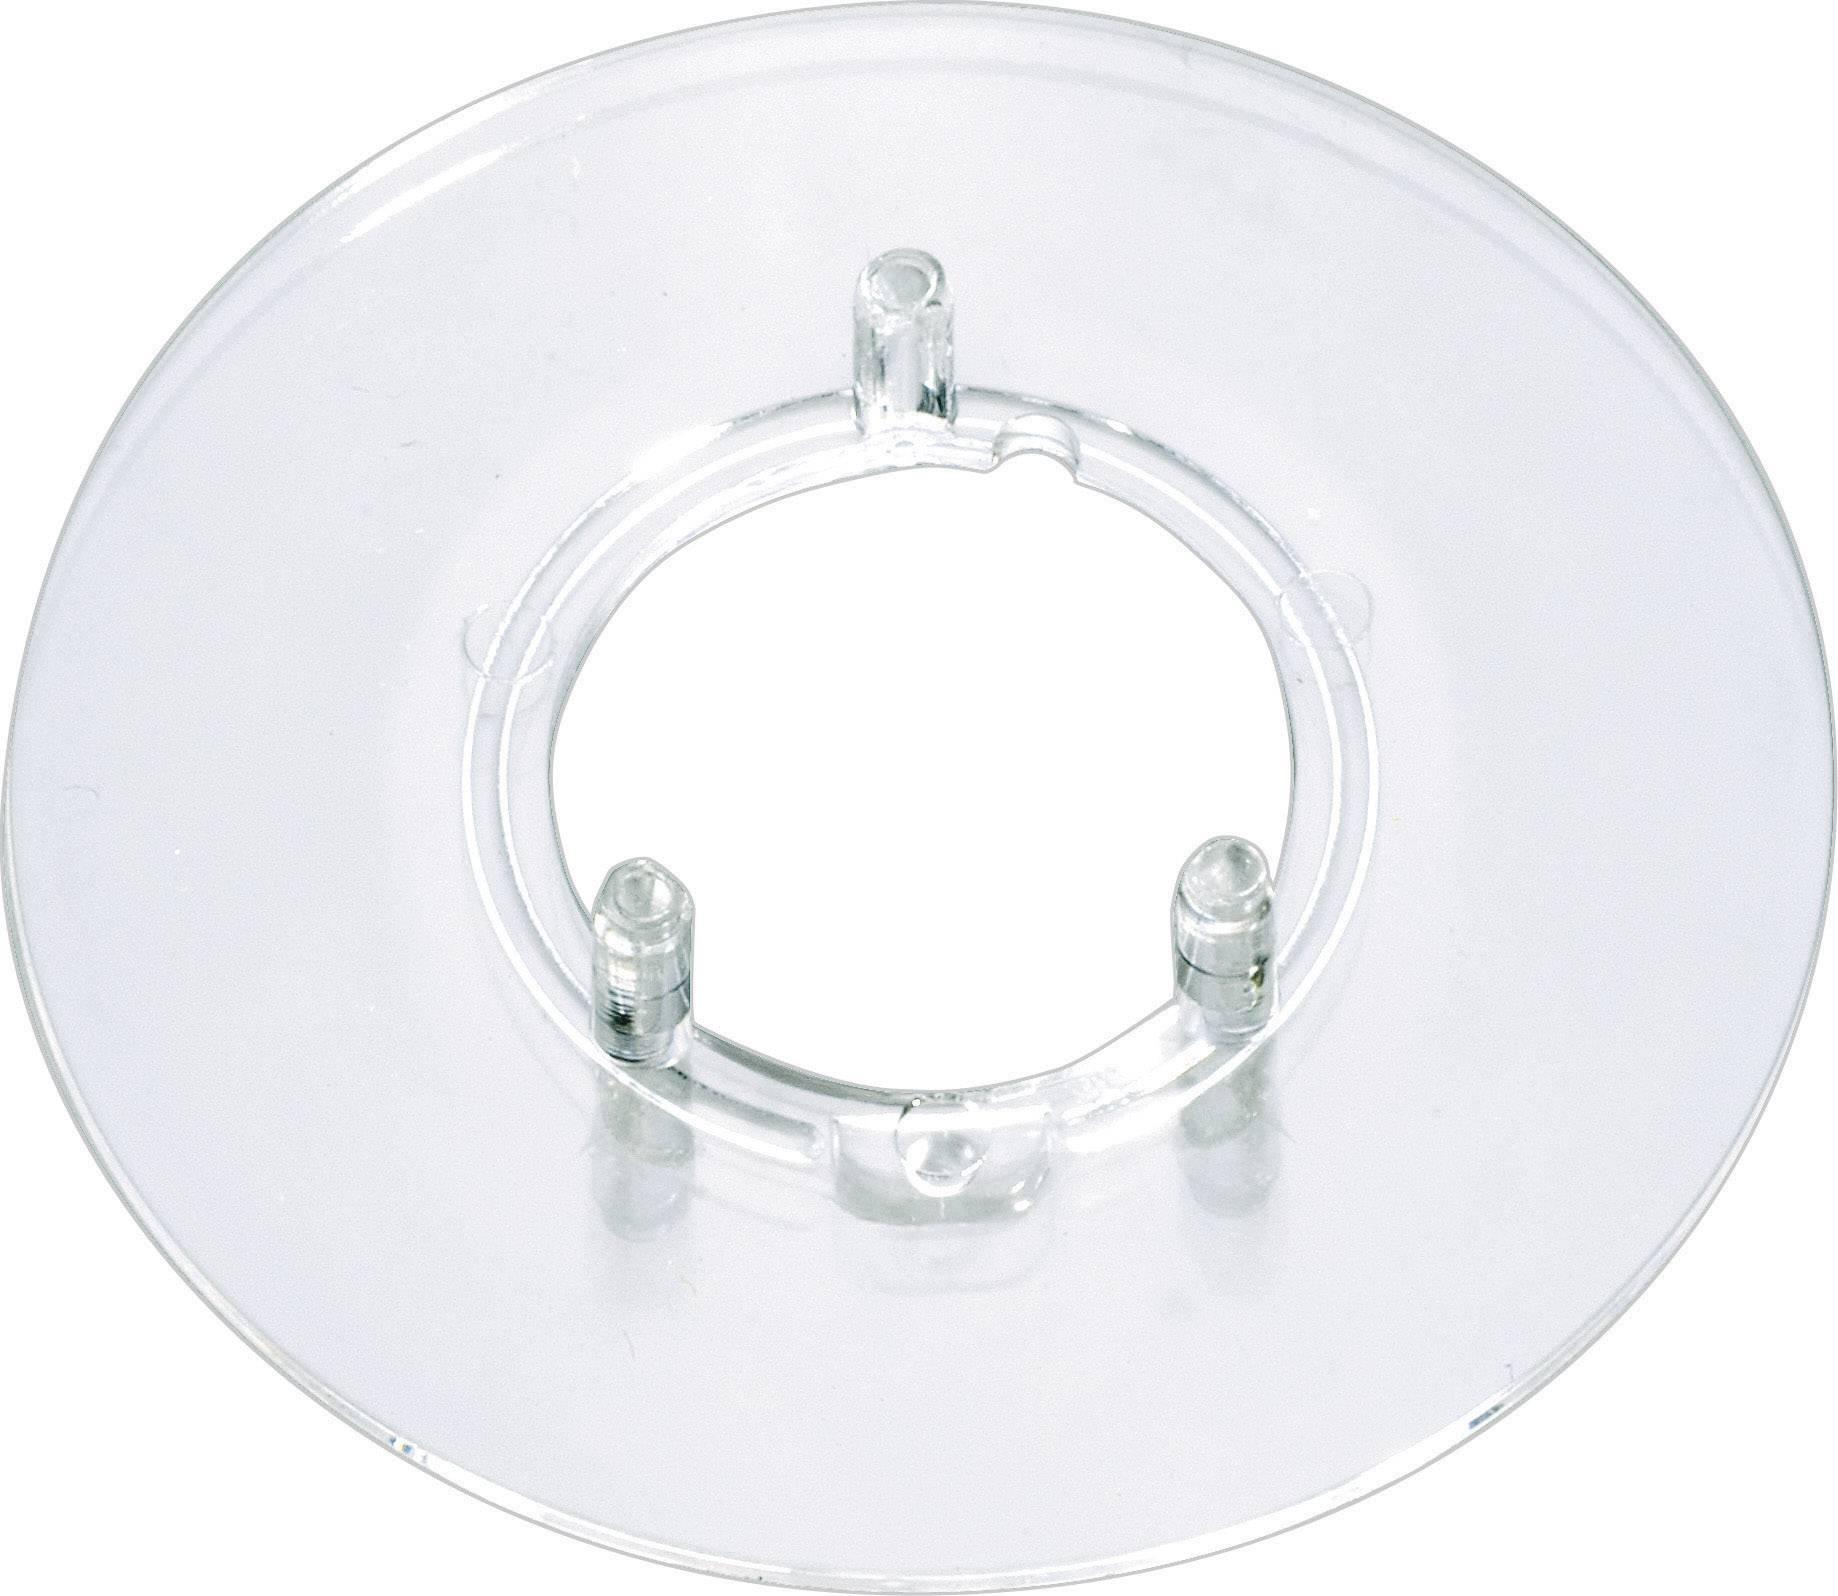 Kruhová stupnice bez označení OKW, vhodná pro knoflík Ø 20 mm, transparentní